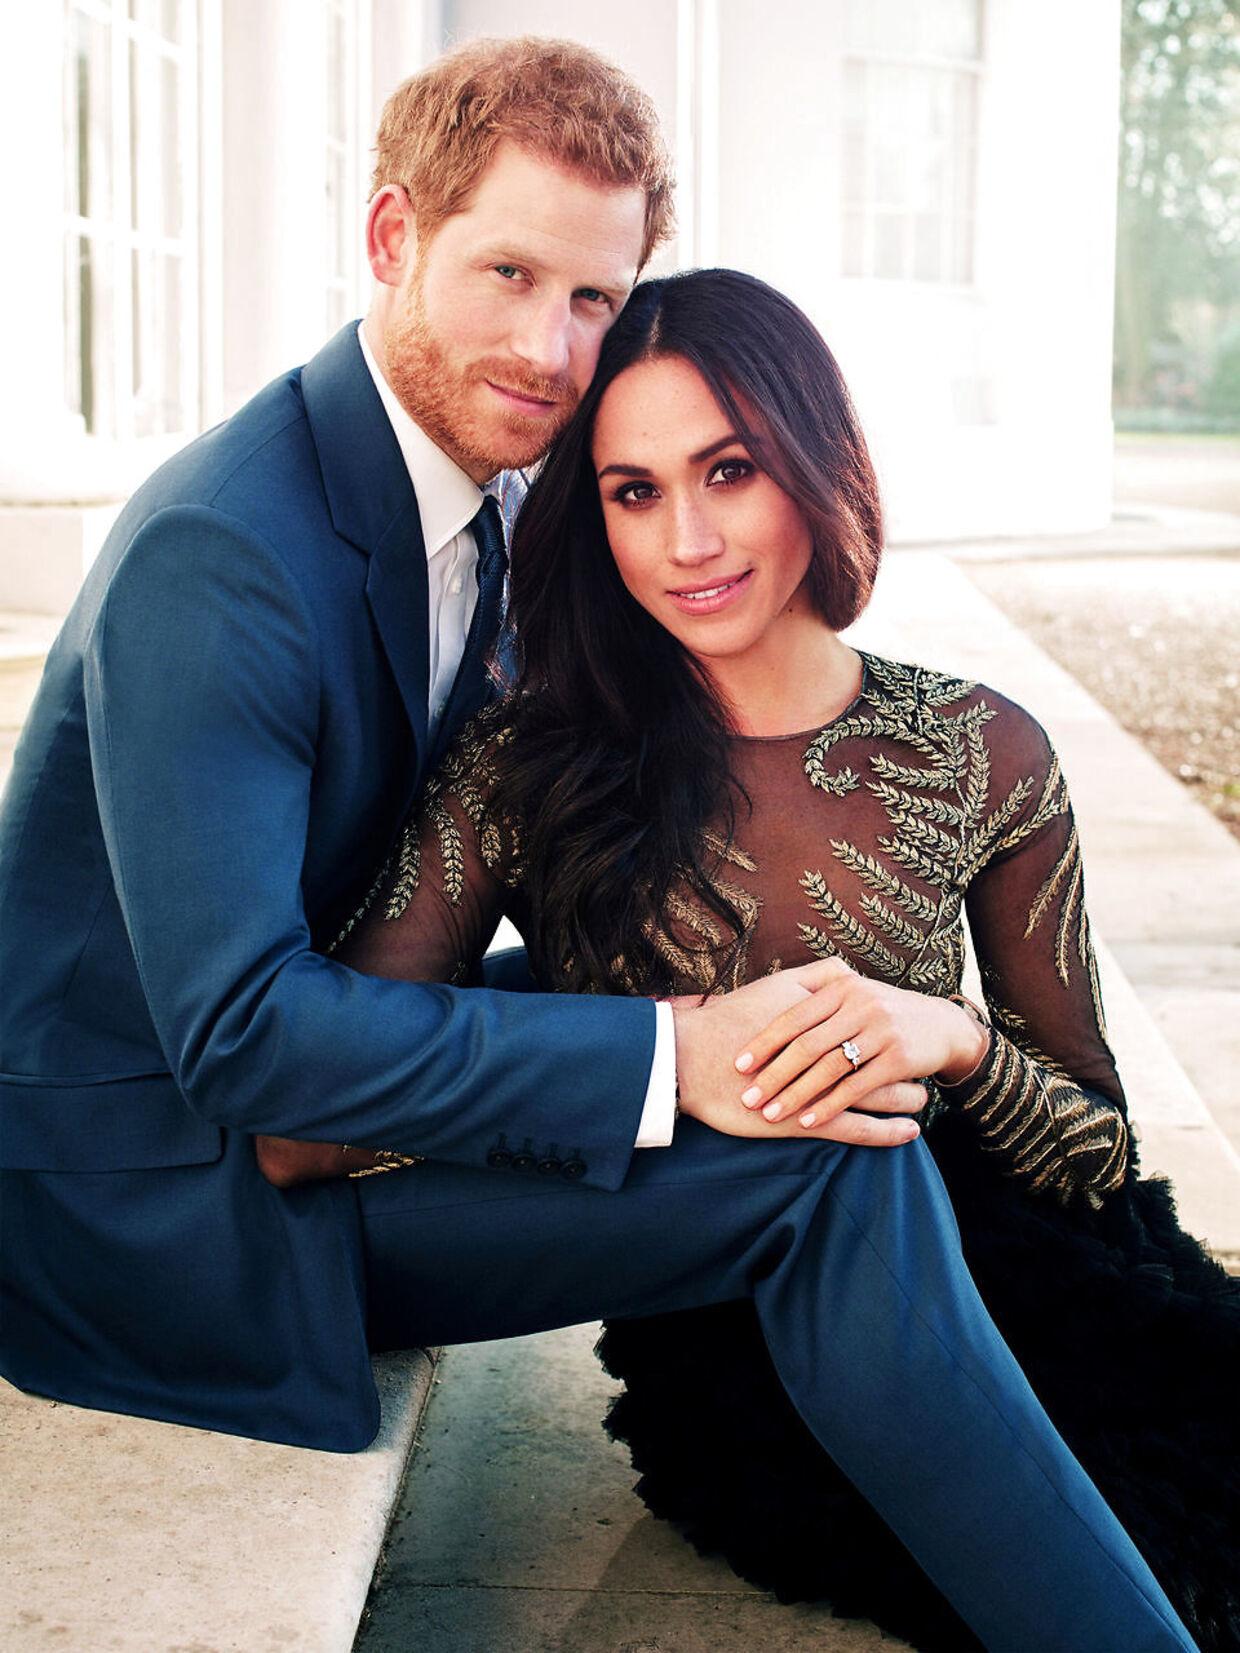 Det officielle forlovelsesfoto af det kommende brudepar.